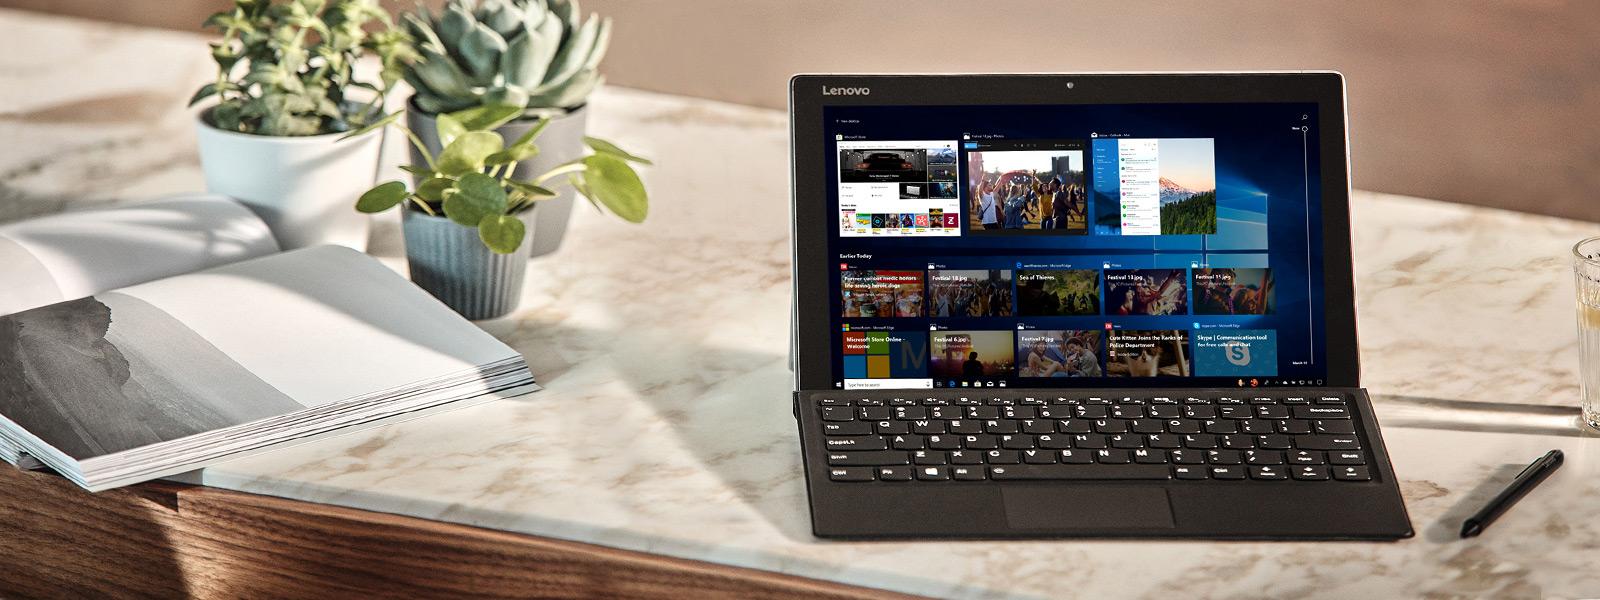 Компютърен екран, показващ функция на актуализацията на Windows 10 от април 2018 г.